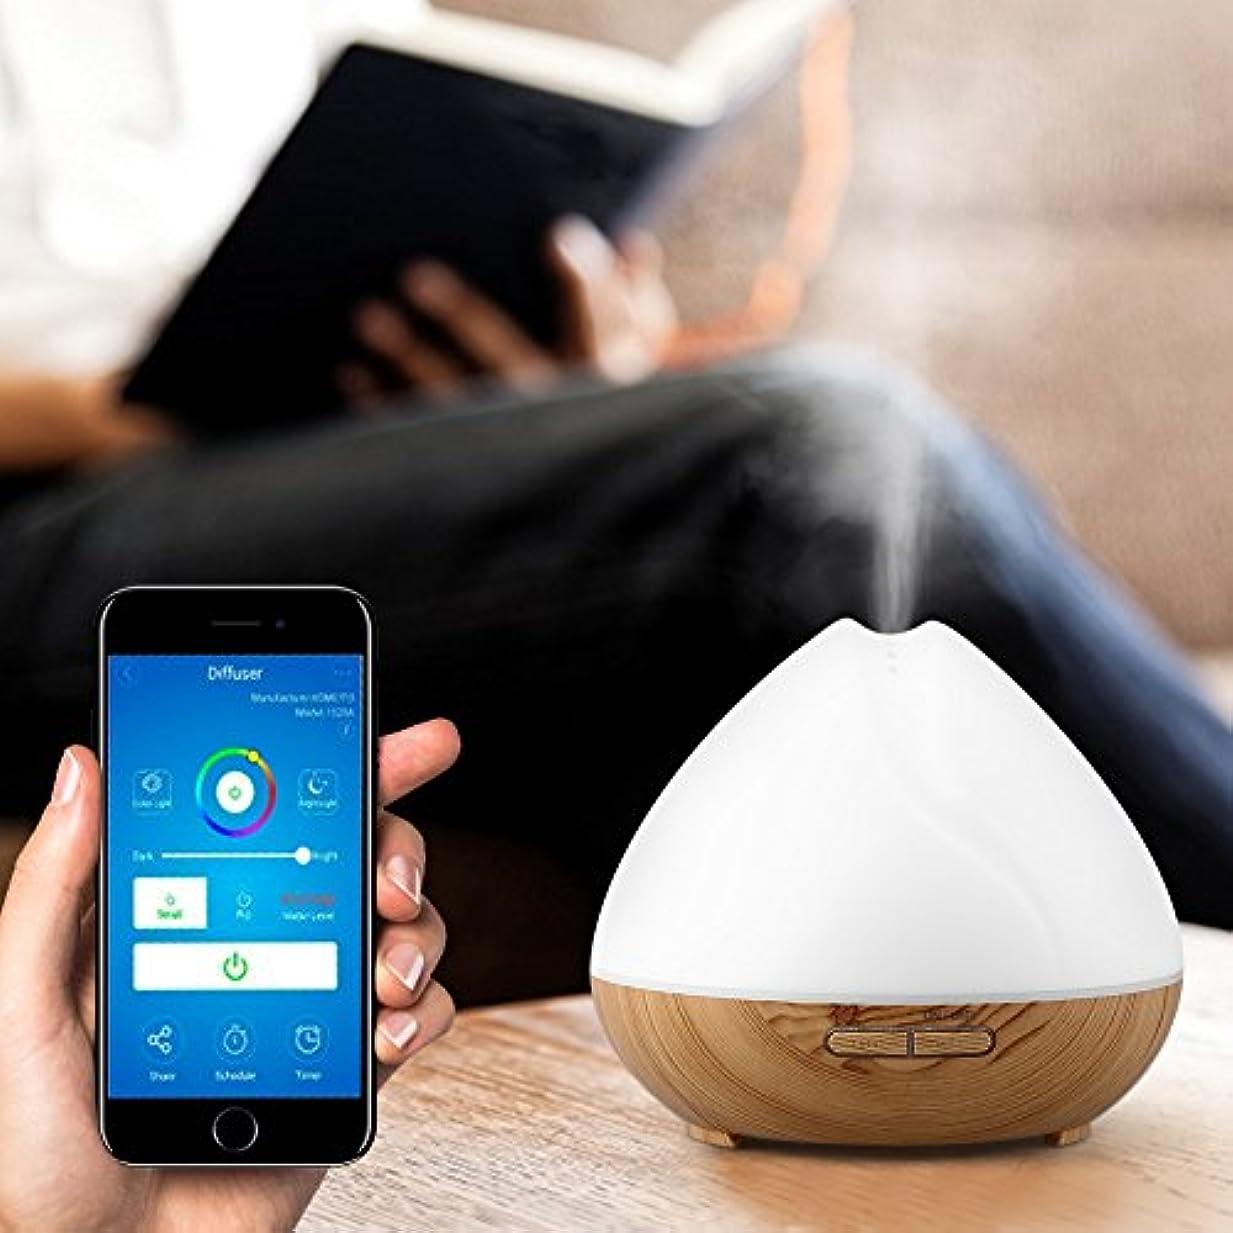 依存する受益者絶対のスマートWiFiアロマディフューザー、睡眠と呼吸を改善するLEDタイマー付きAPP制御加湿器(私たち)